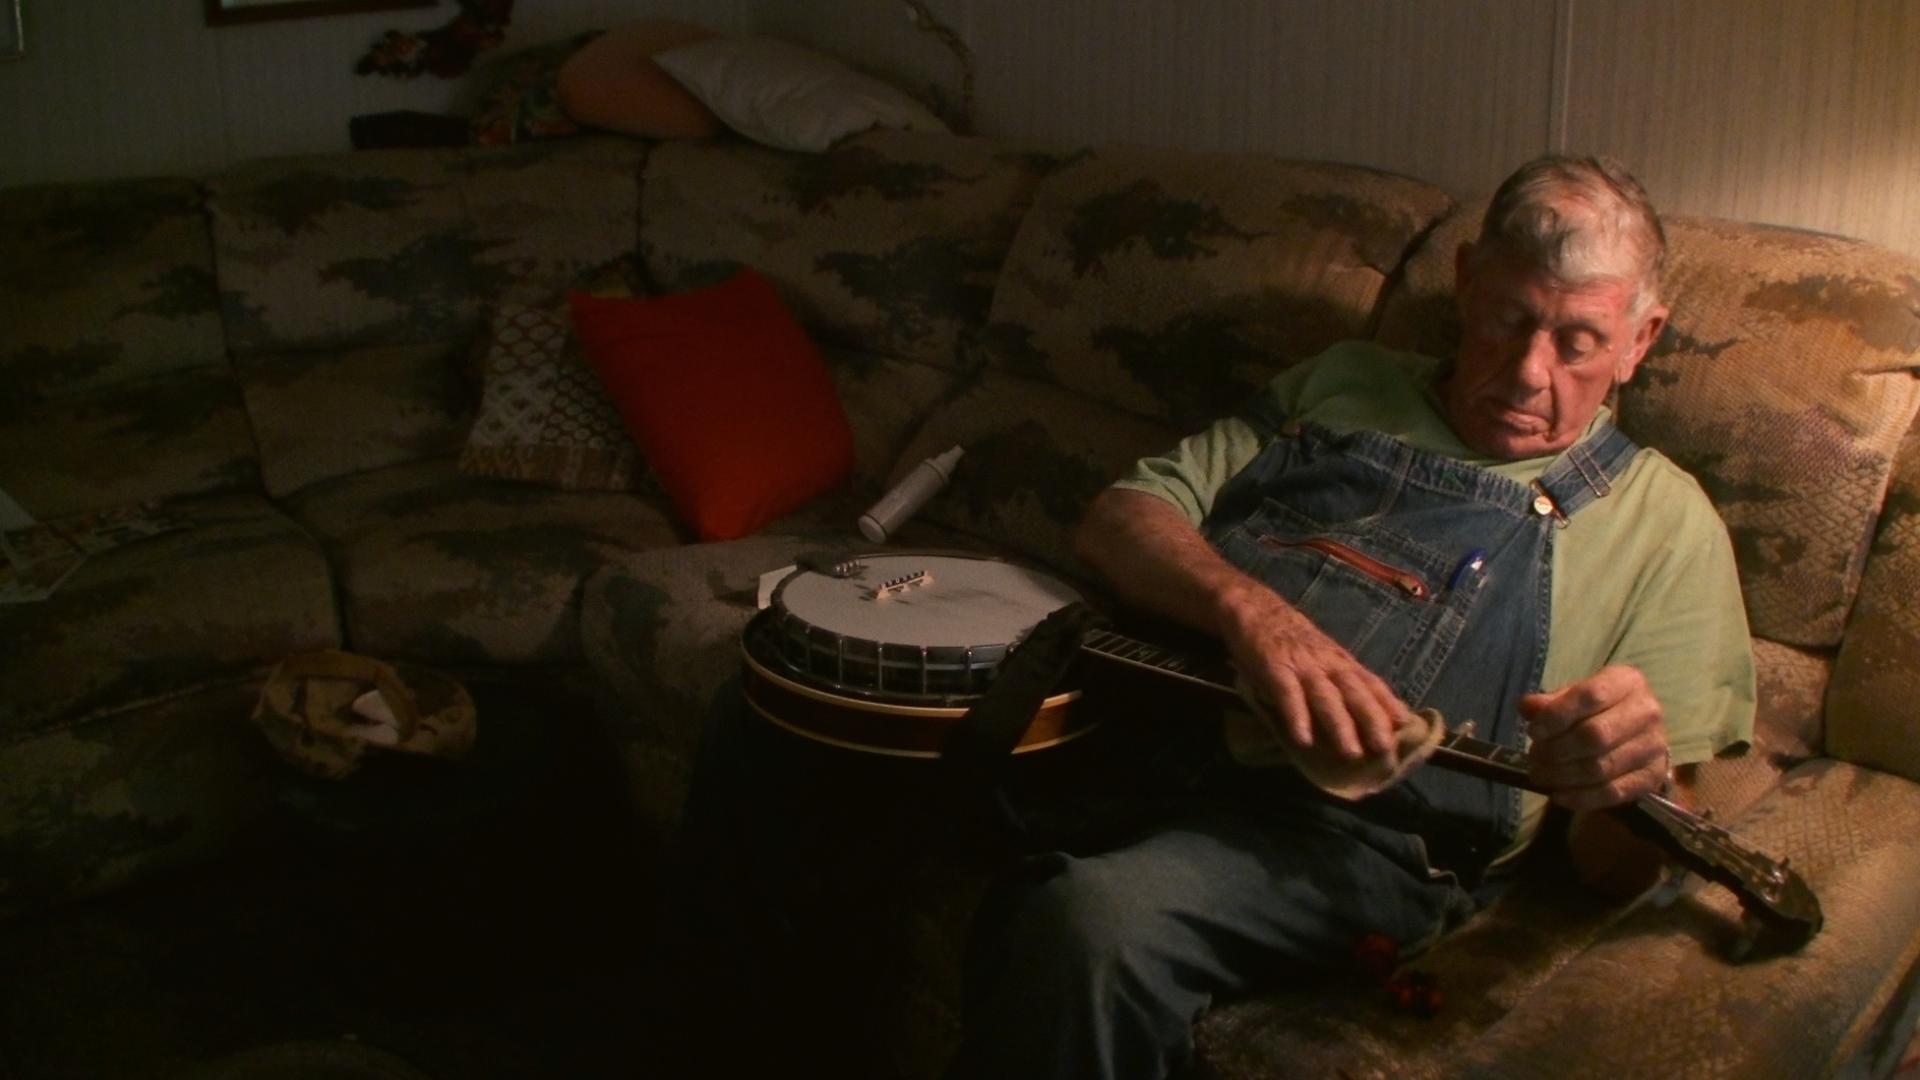 linefork banjo cleaning-300dpi.png